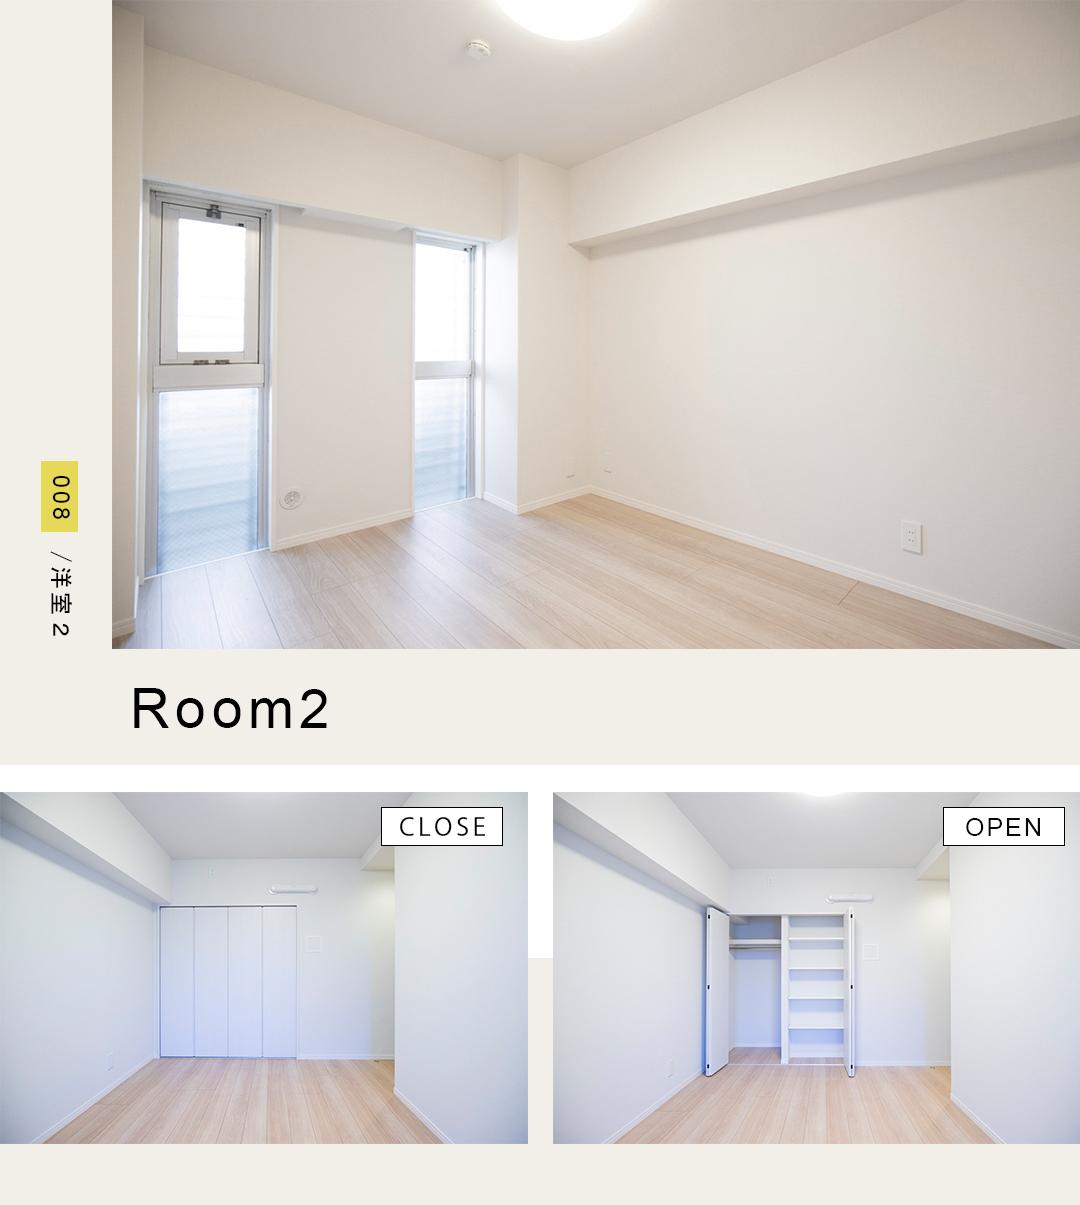 008,洋室2,room2,,,